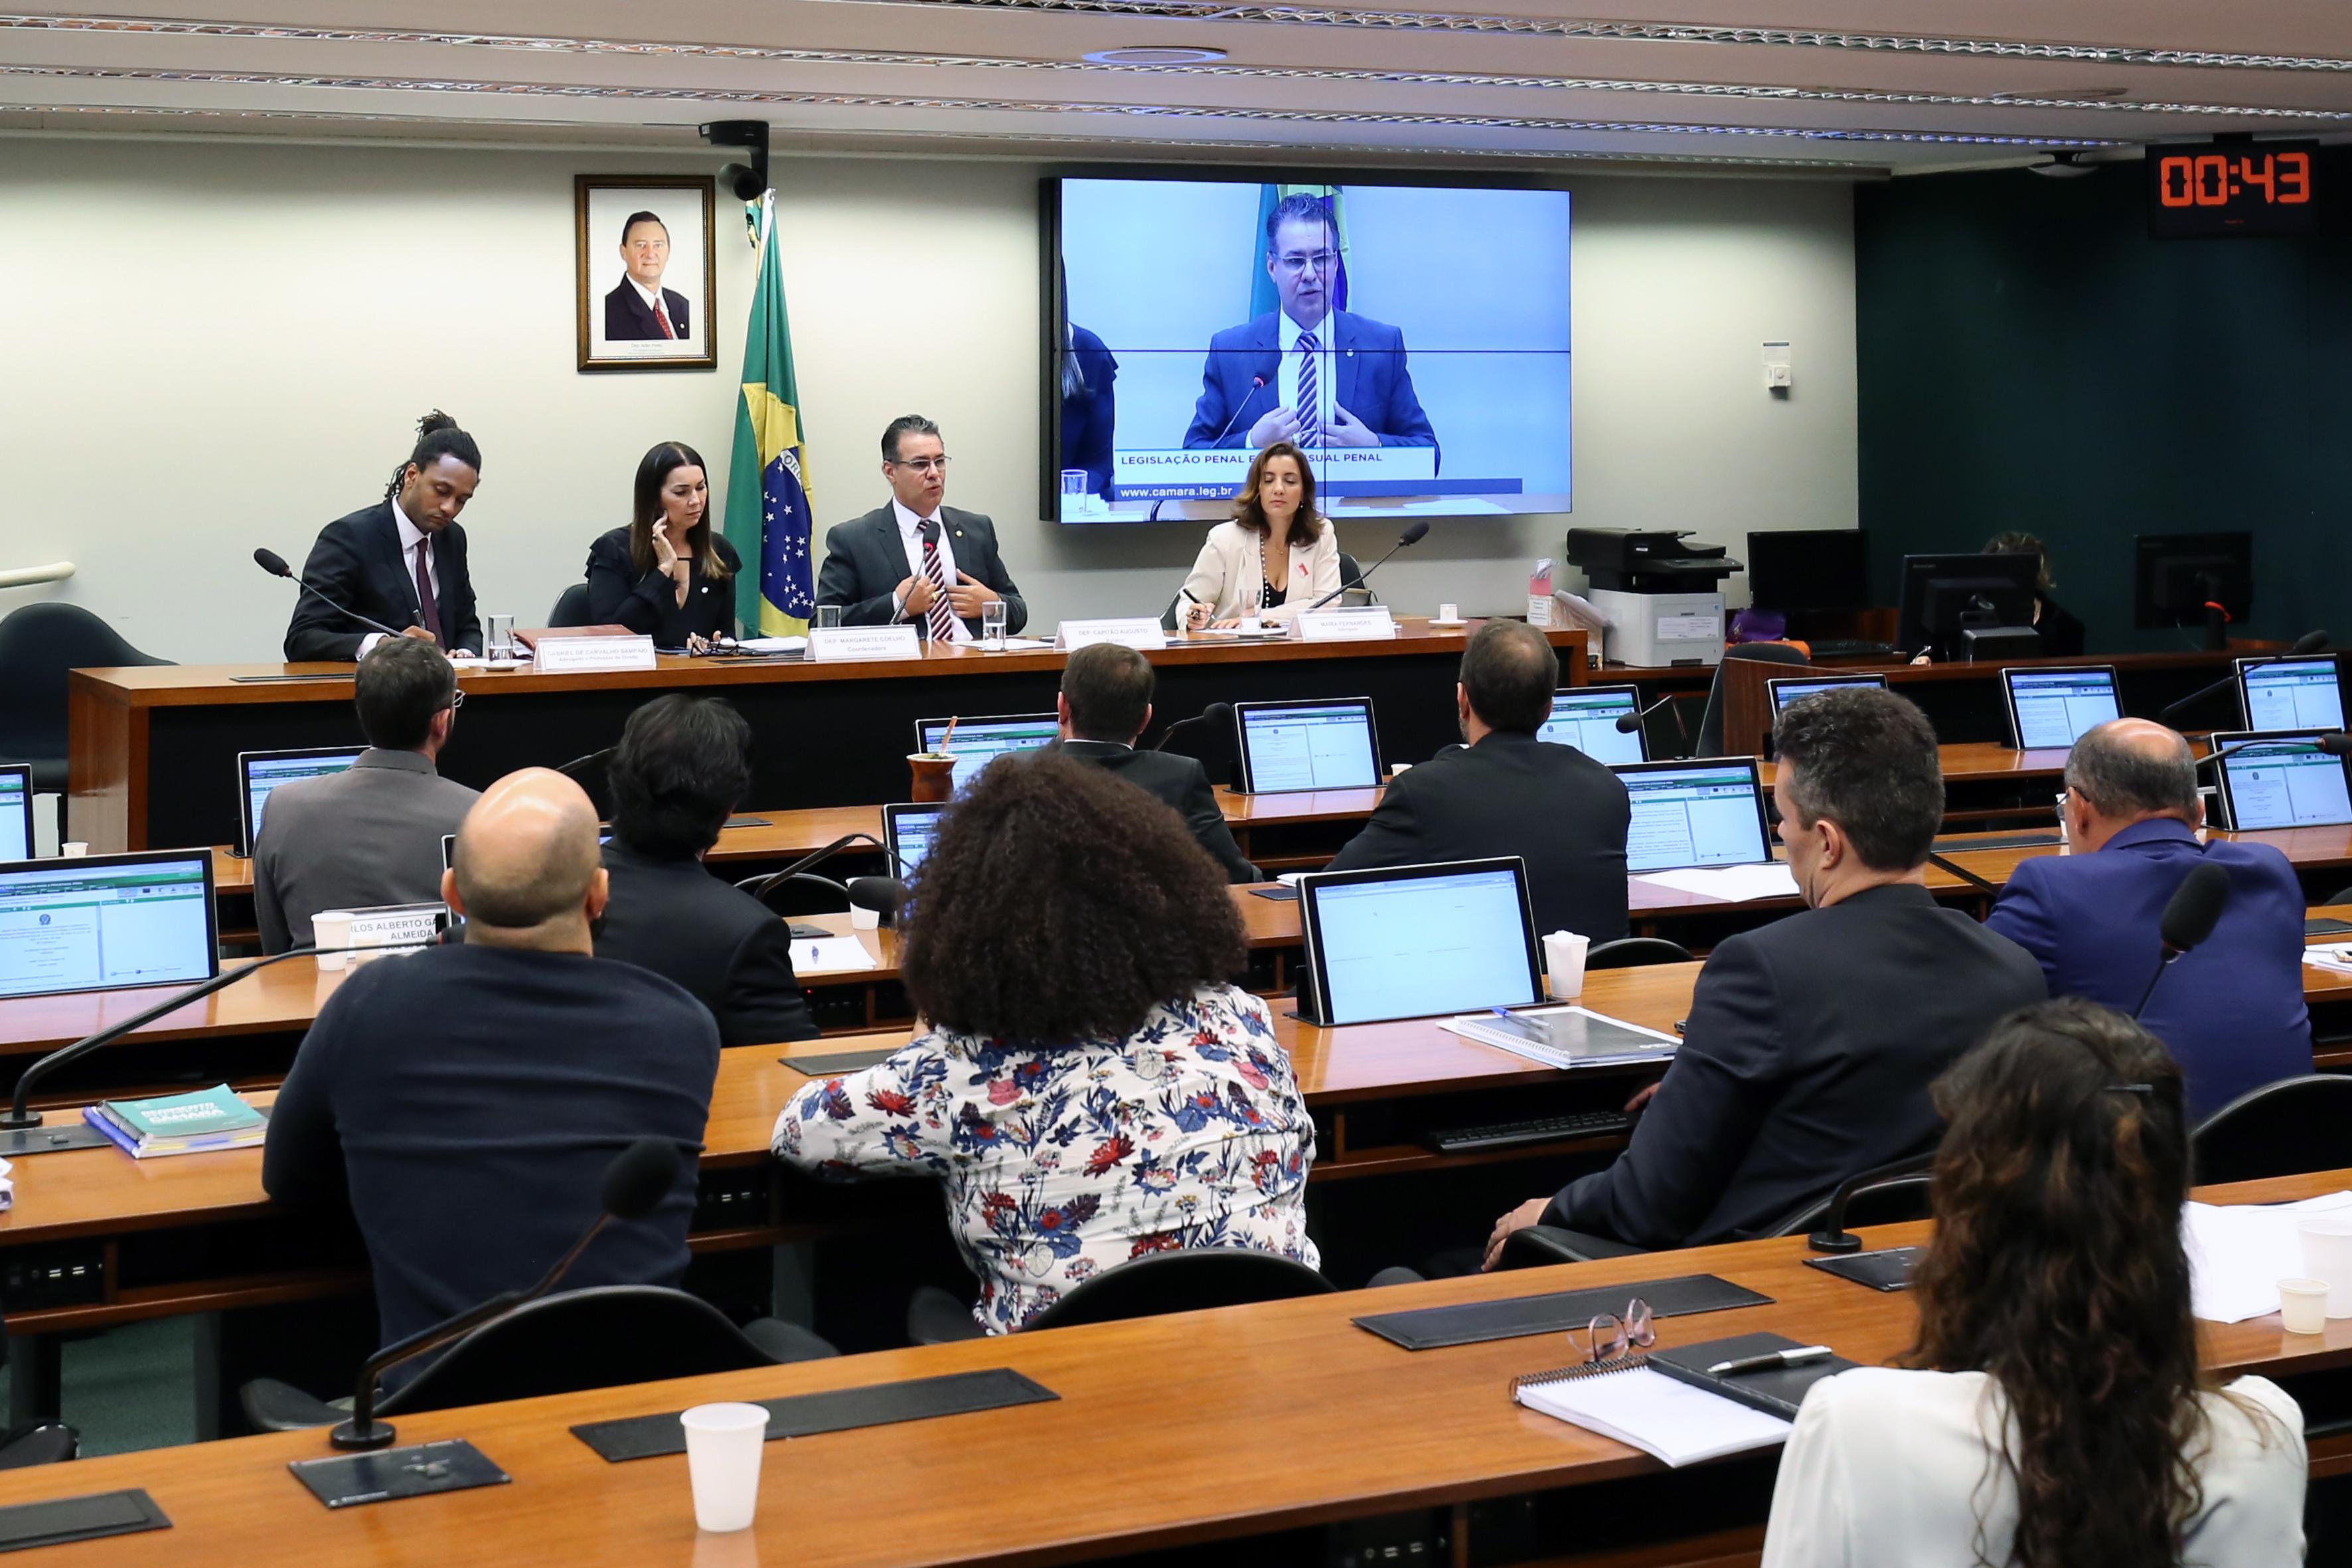 Audiência Pública para análise das Mudanças na Legislação Penal e Processual Penal